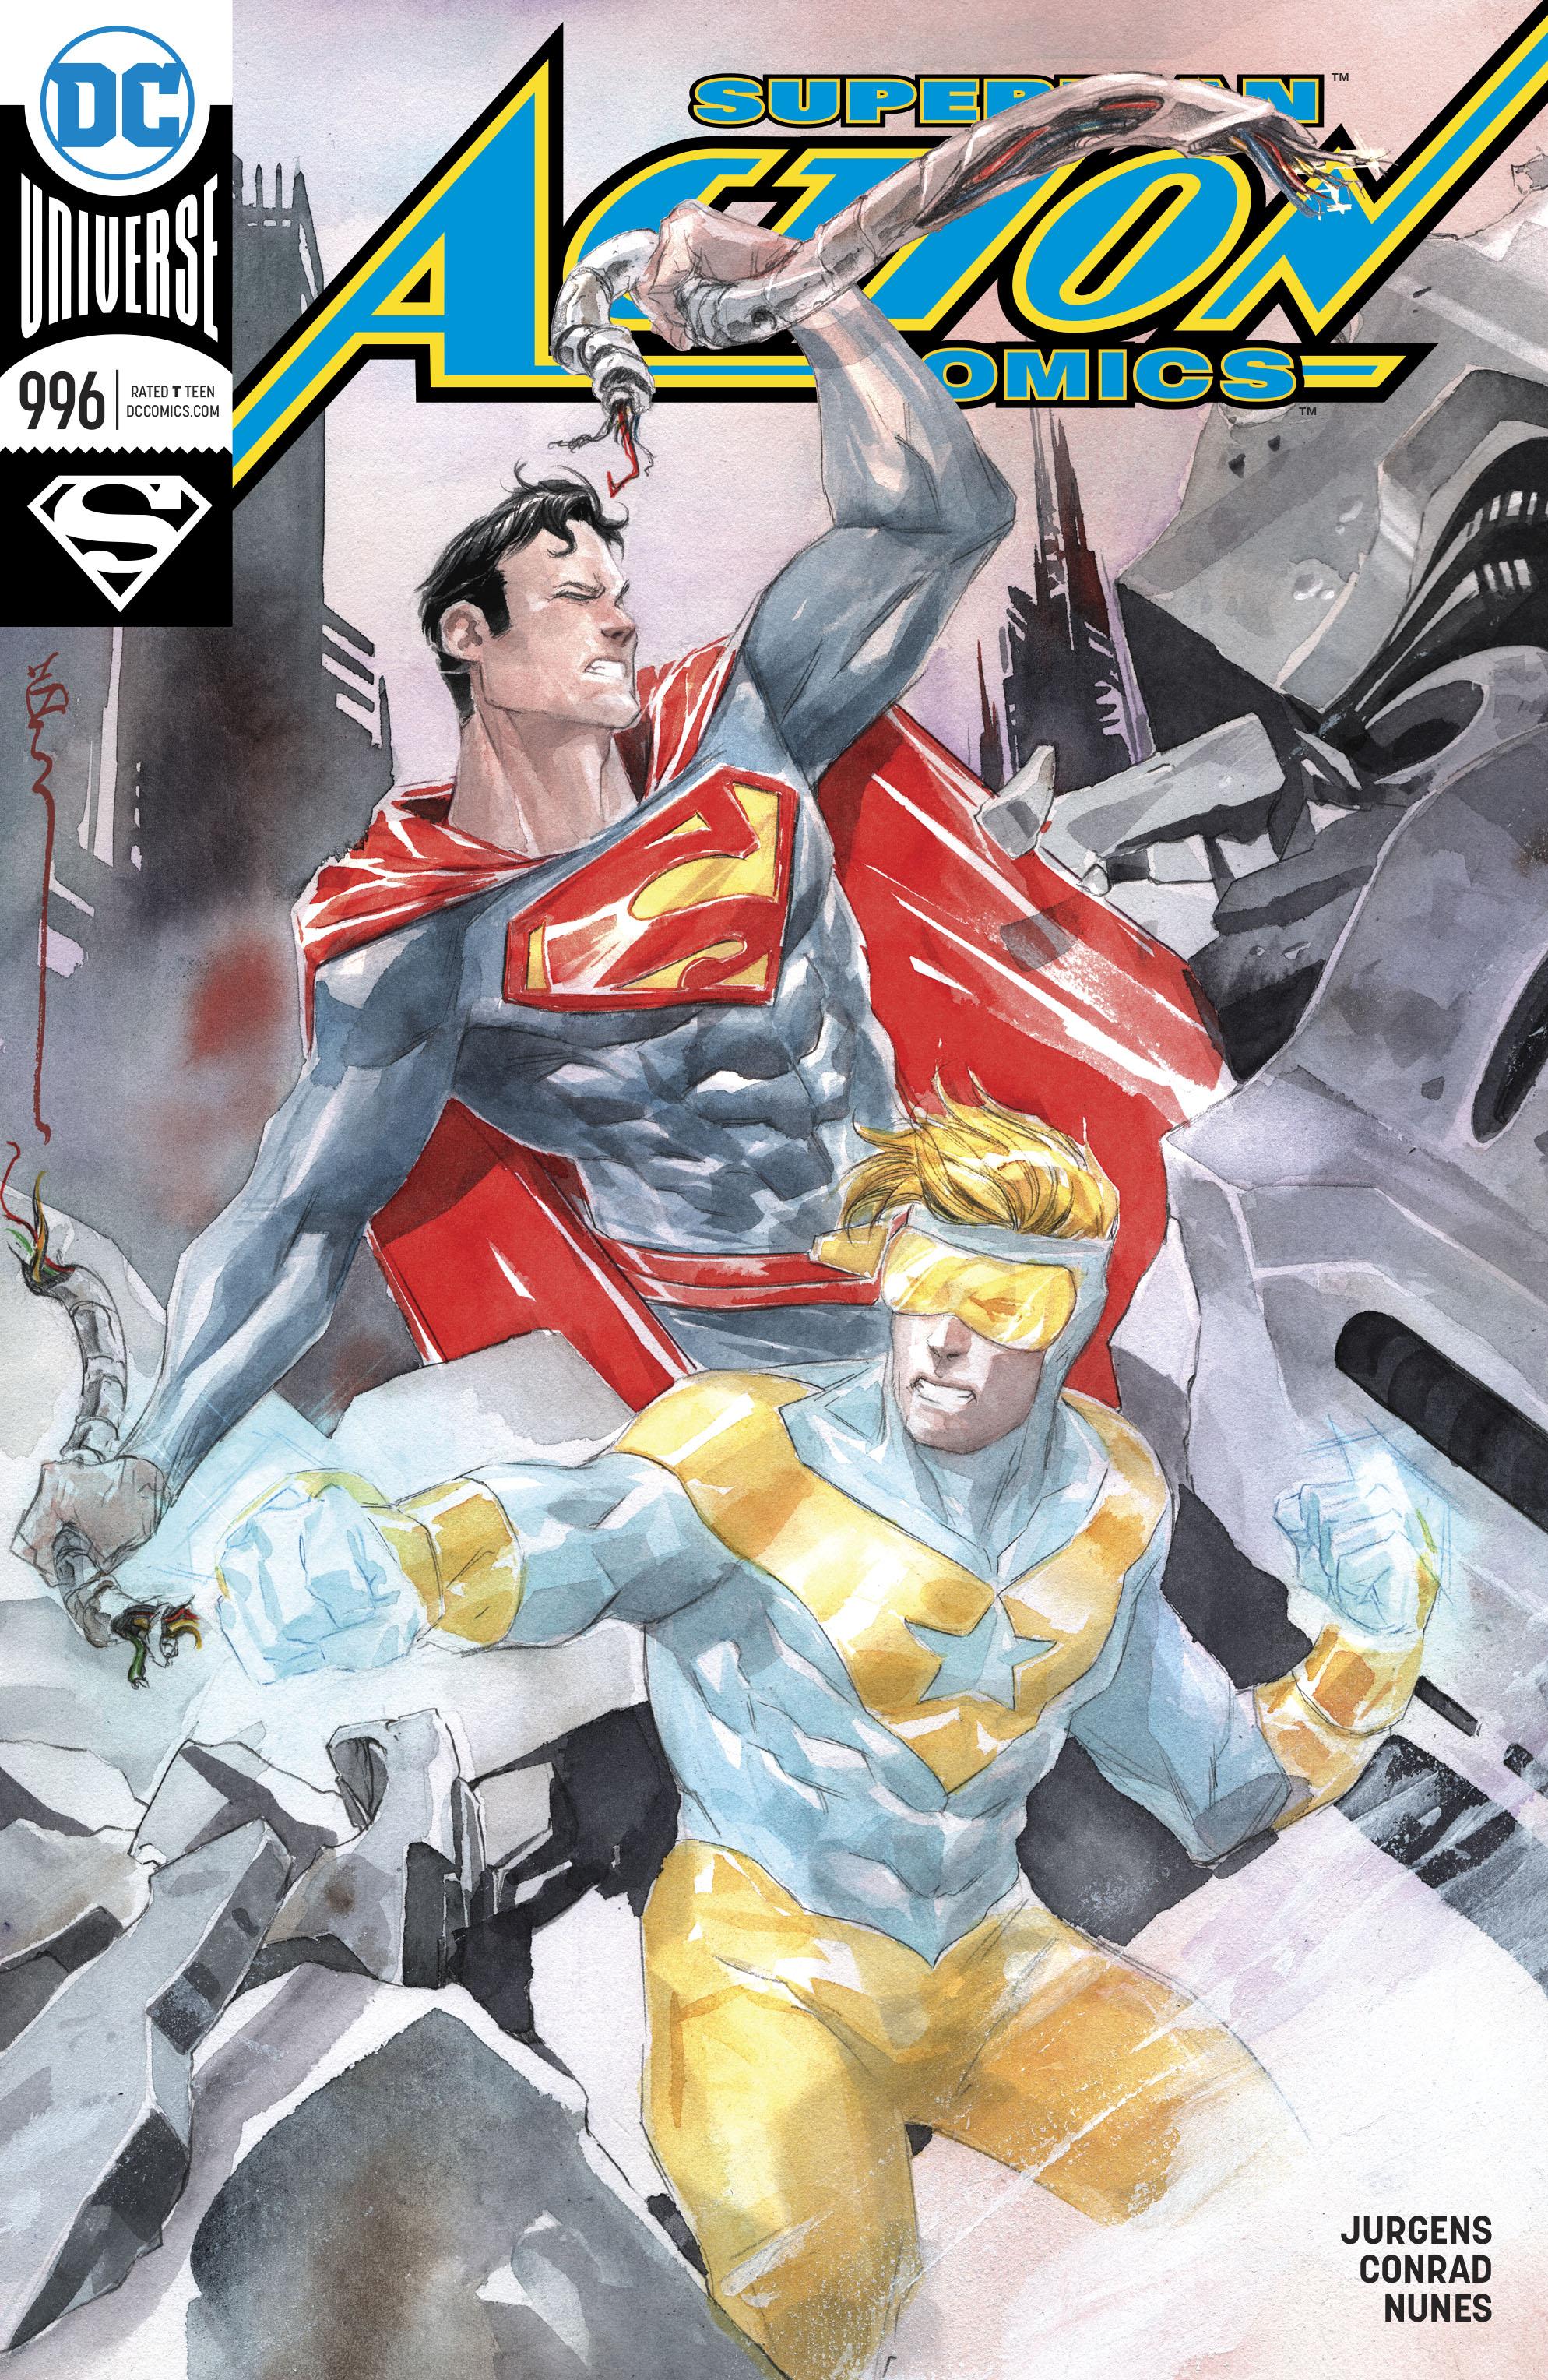 Action Comics Vol 1 996 Variant.jpg